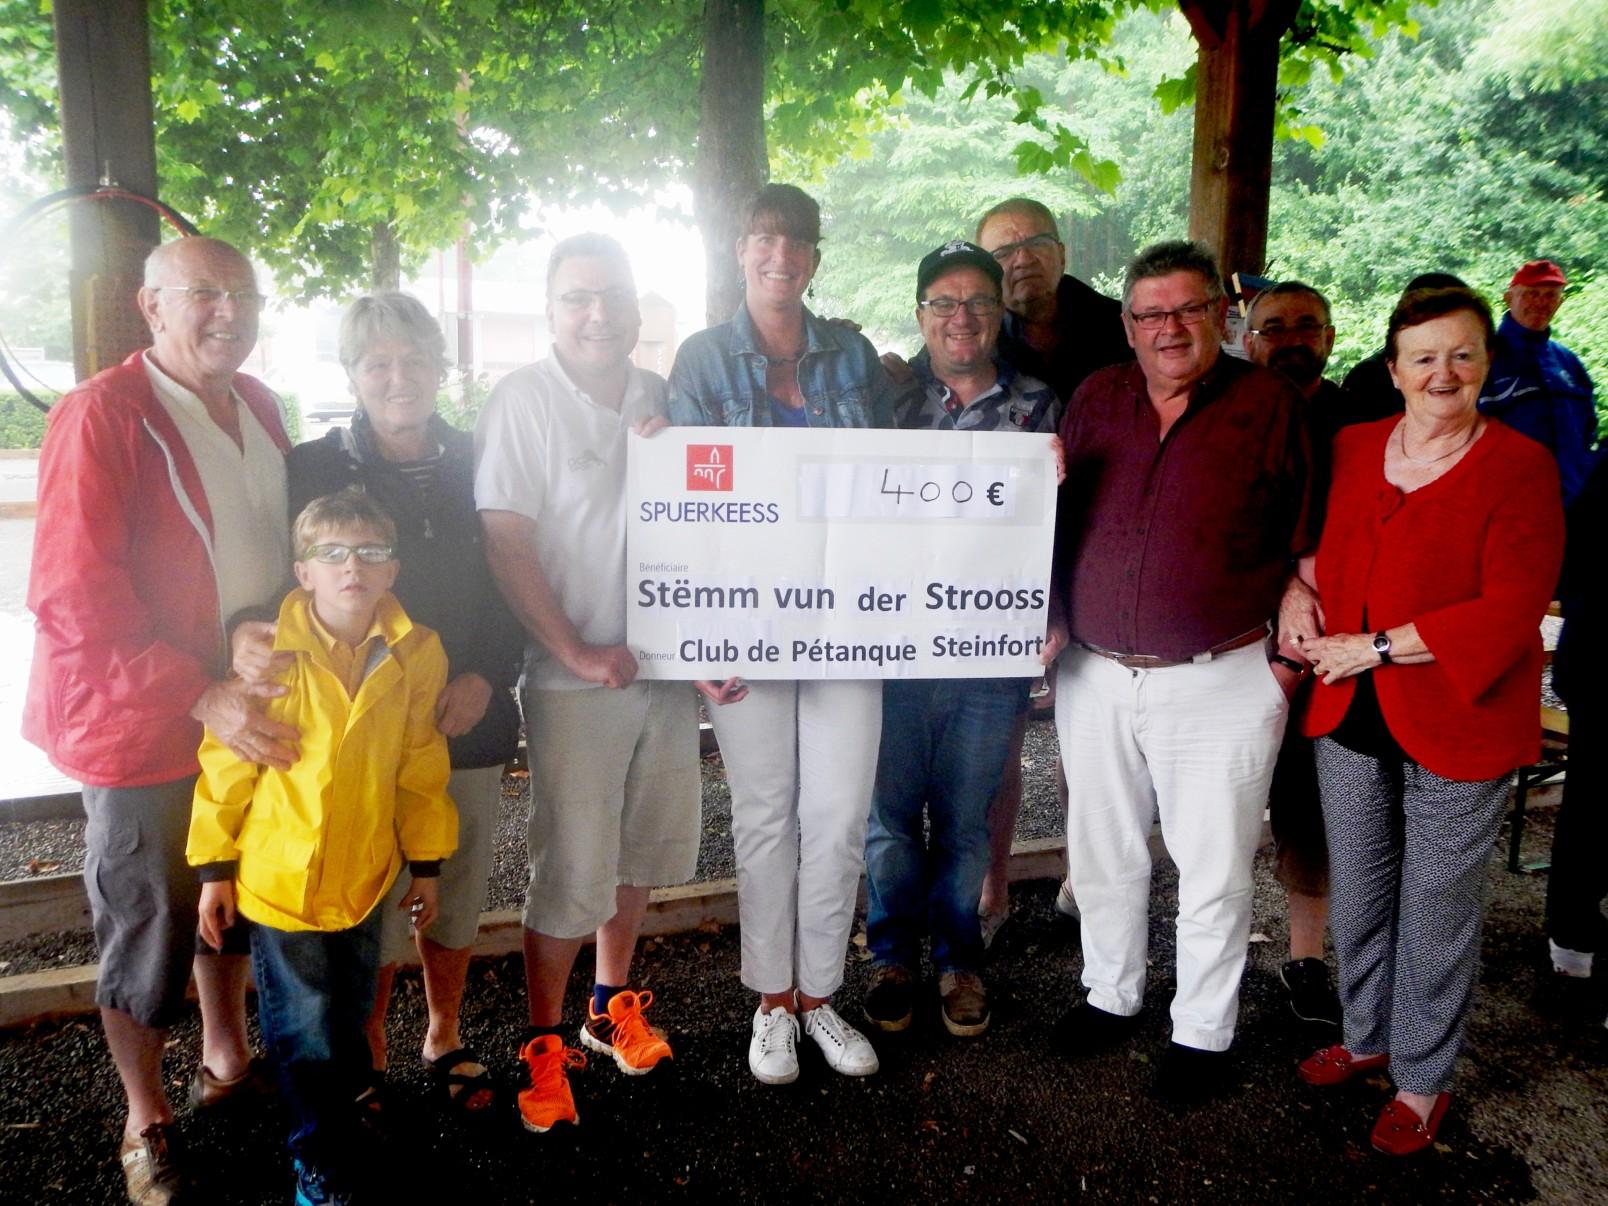 Le club de pétanque de Steinfort soutient la Stëmm vun der Strooss